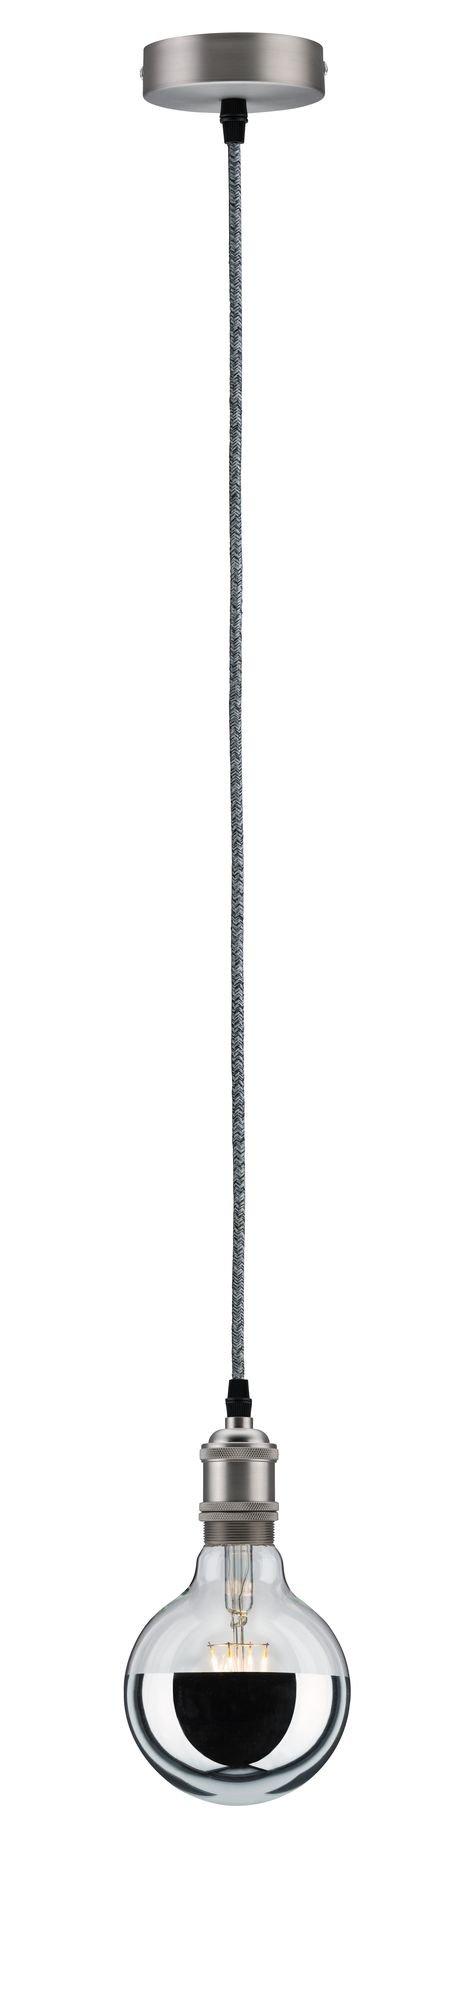 Pendelfassung Stoffkabel E27 max. 60W Grau/Nickel gebürstet